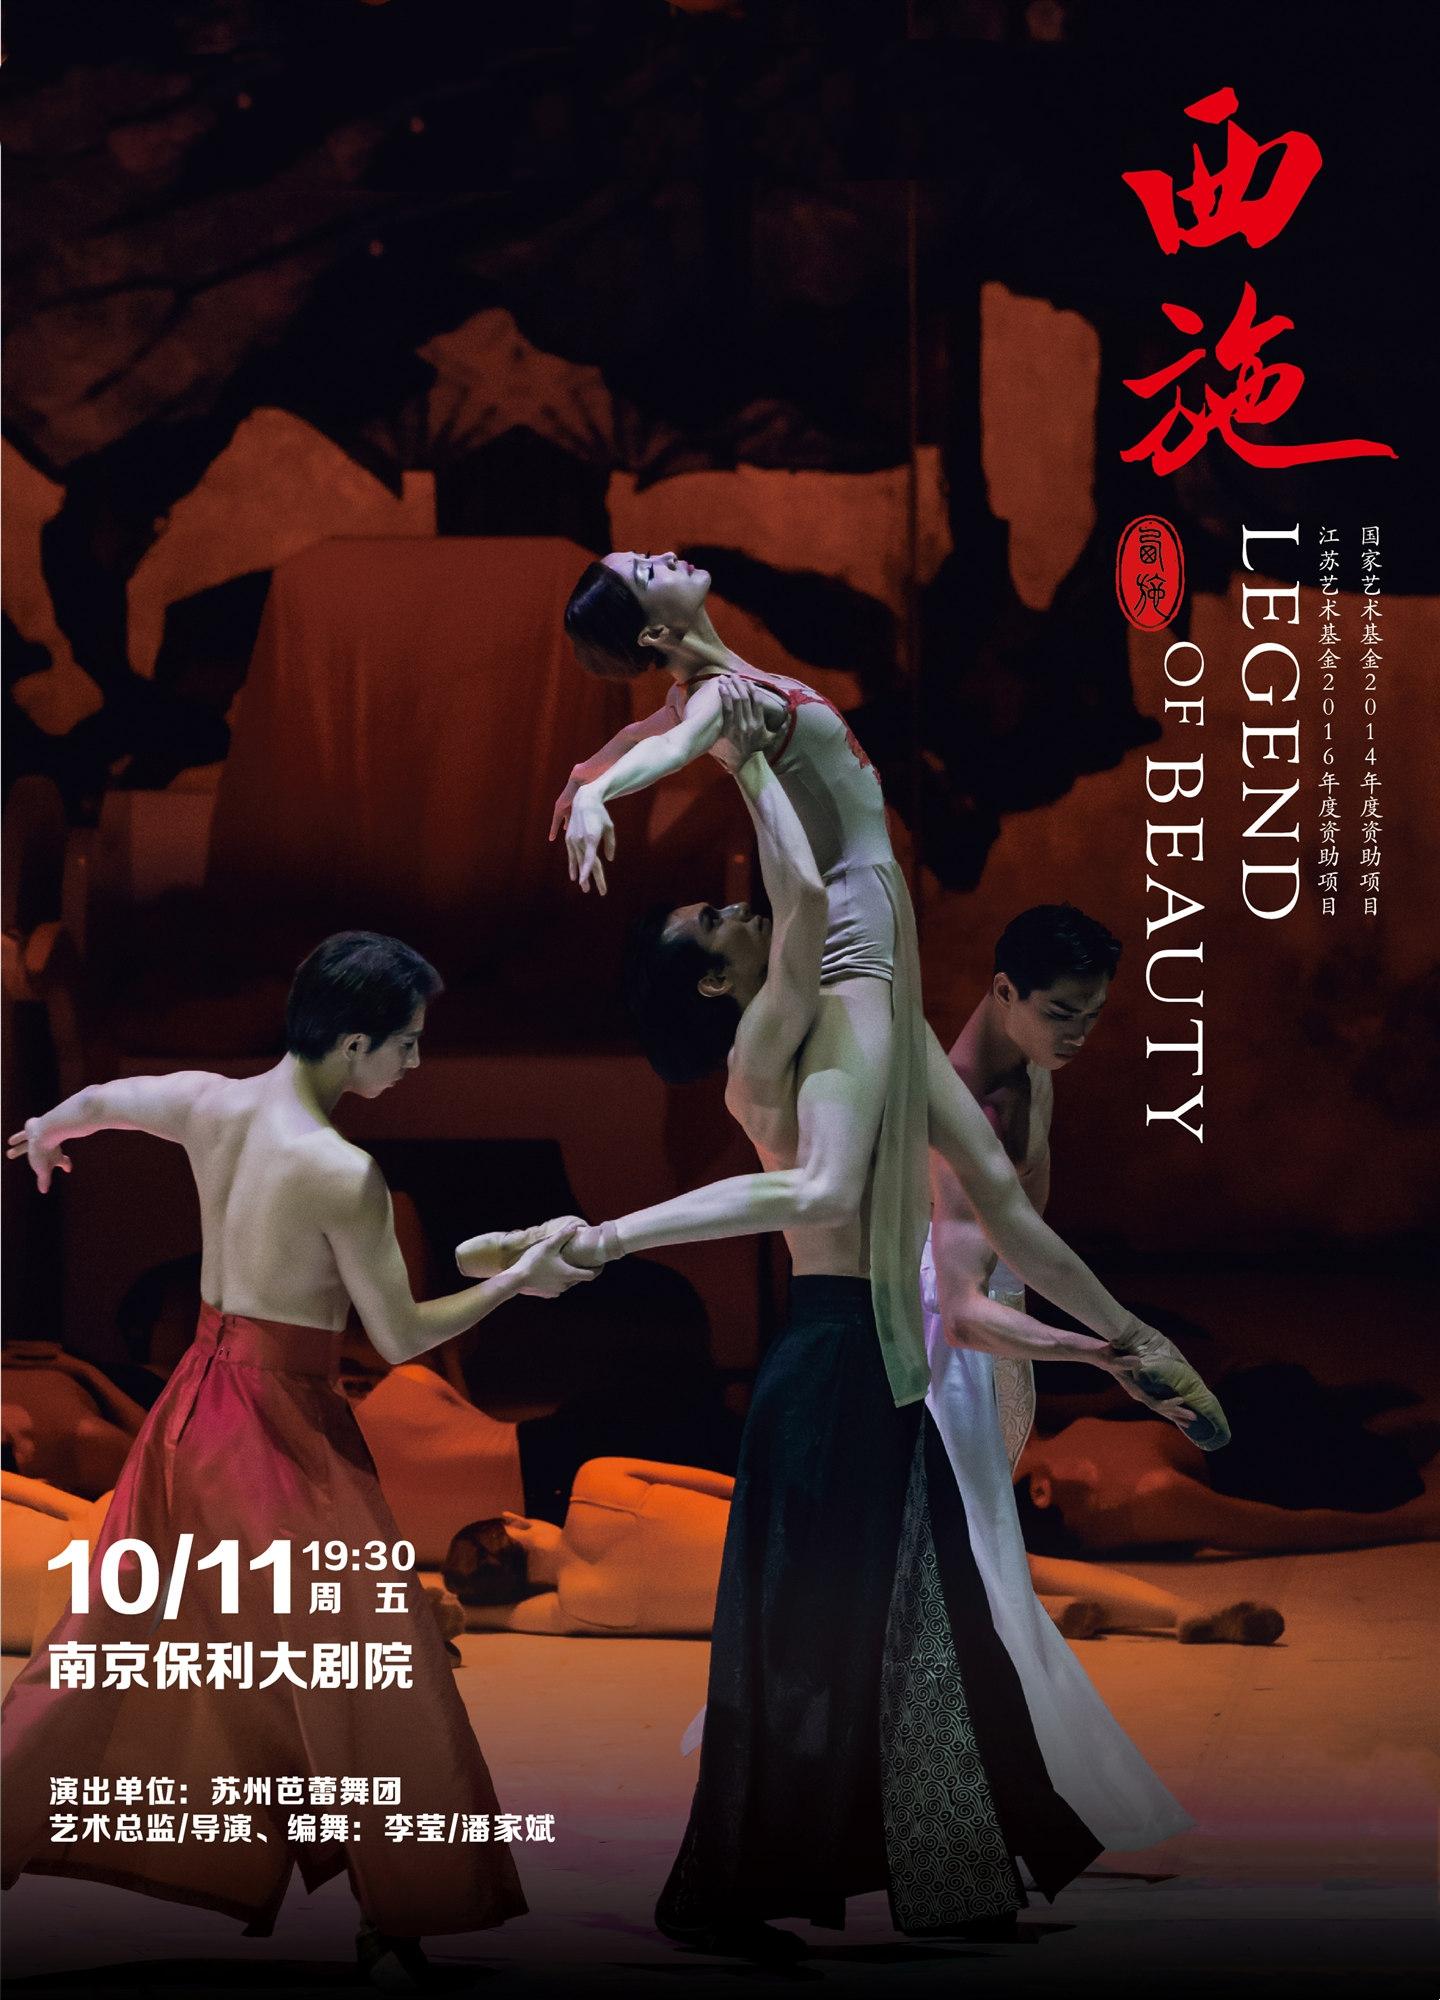 2019紫金文化艺术节新创舞台剧目会演―芭蕾舞剧《西施》南京站